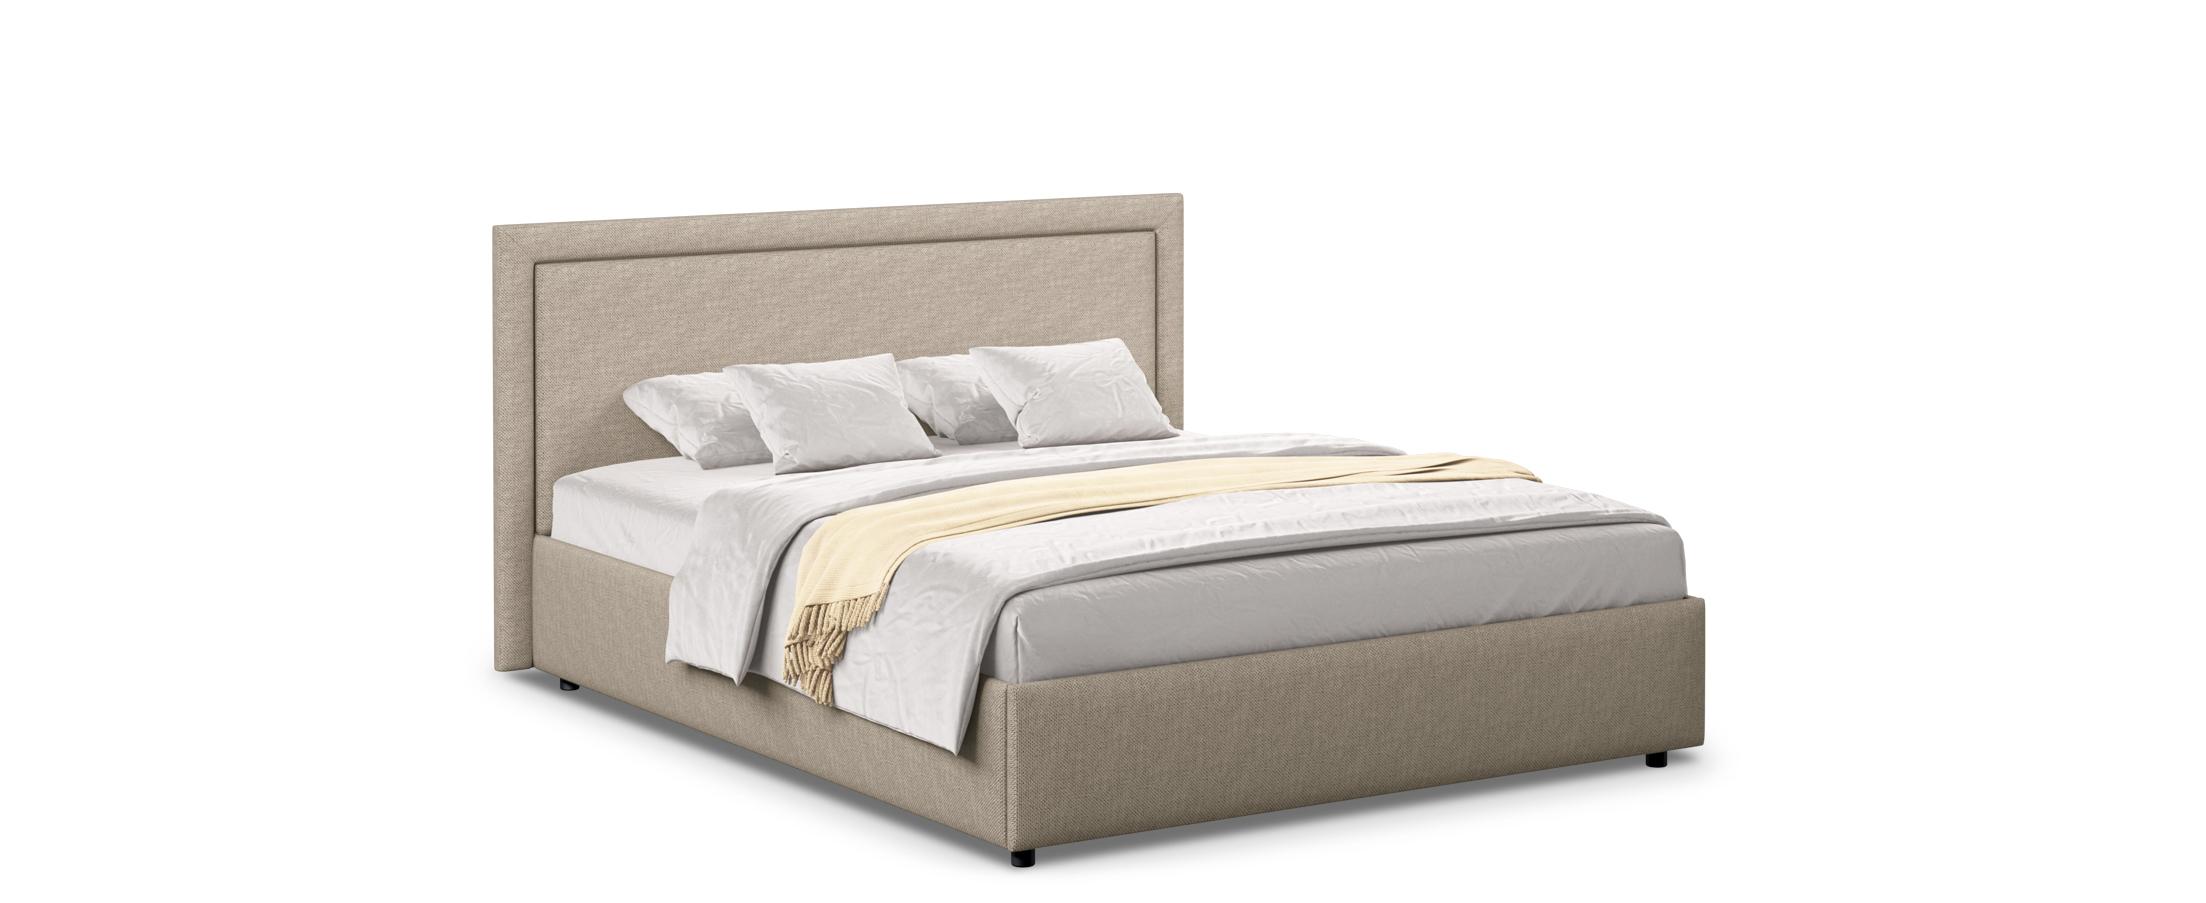 Кровать двуспальная Паола 160х200 Модель 1201